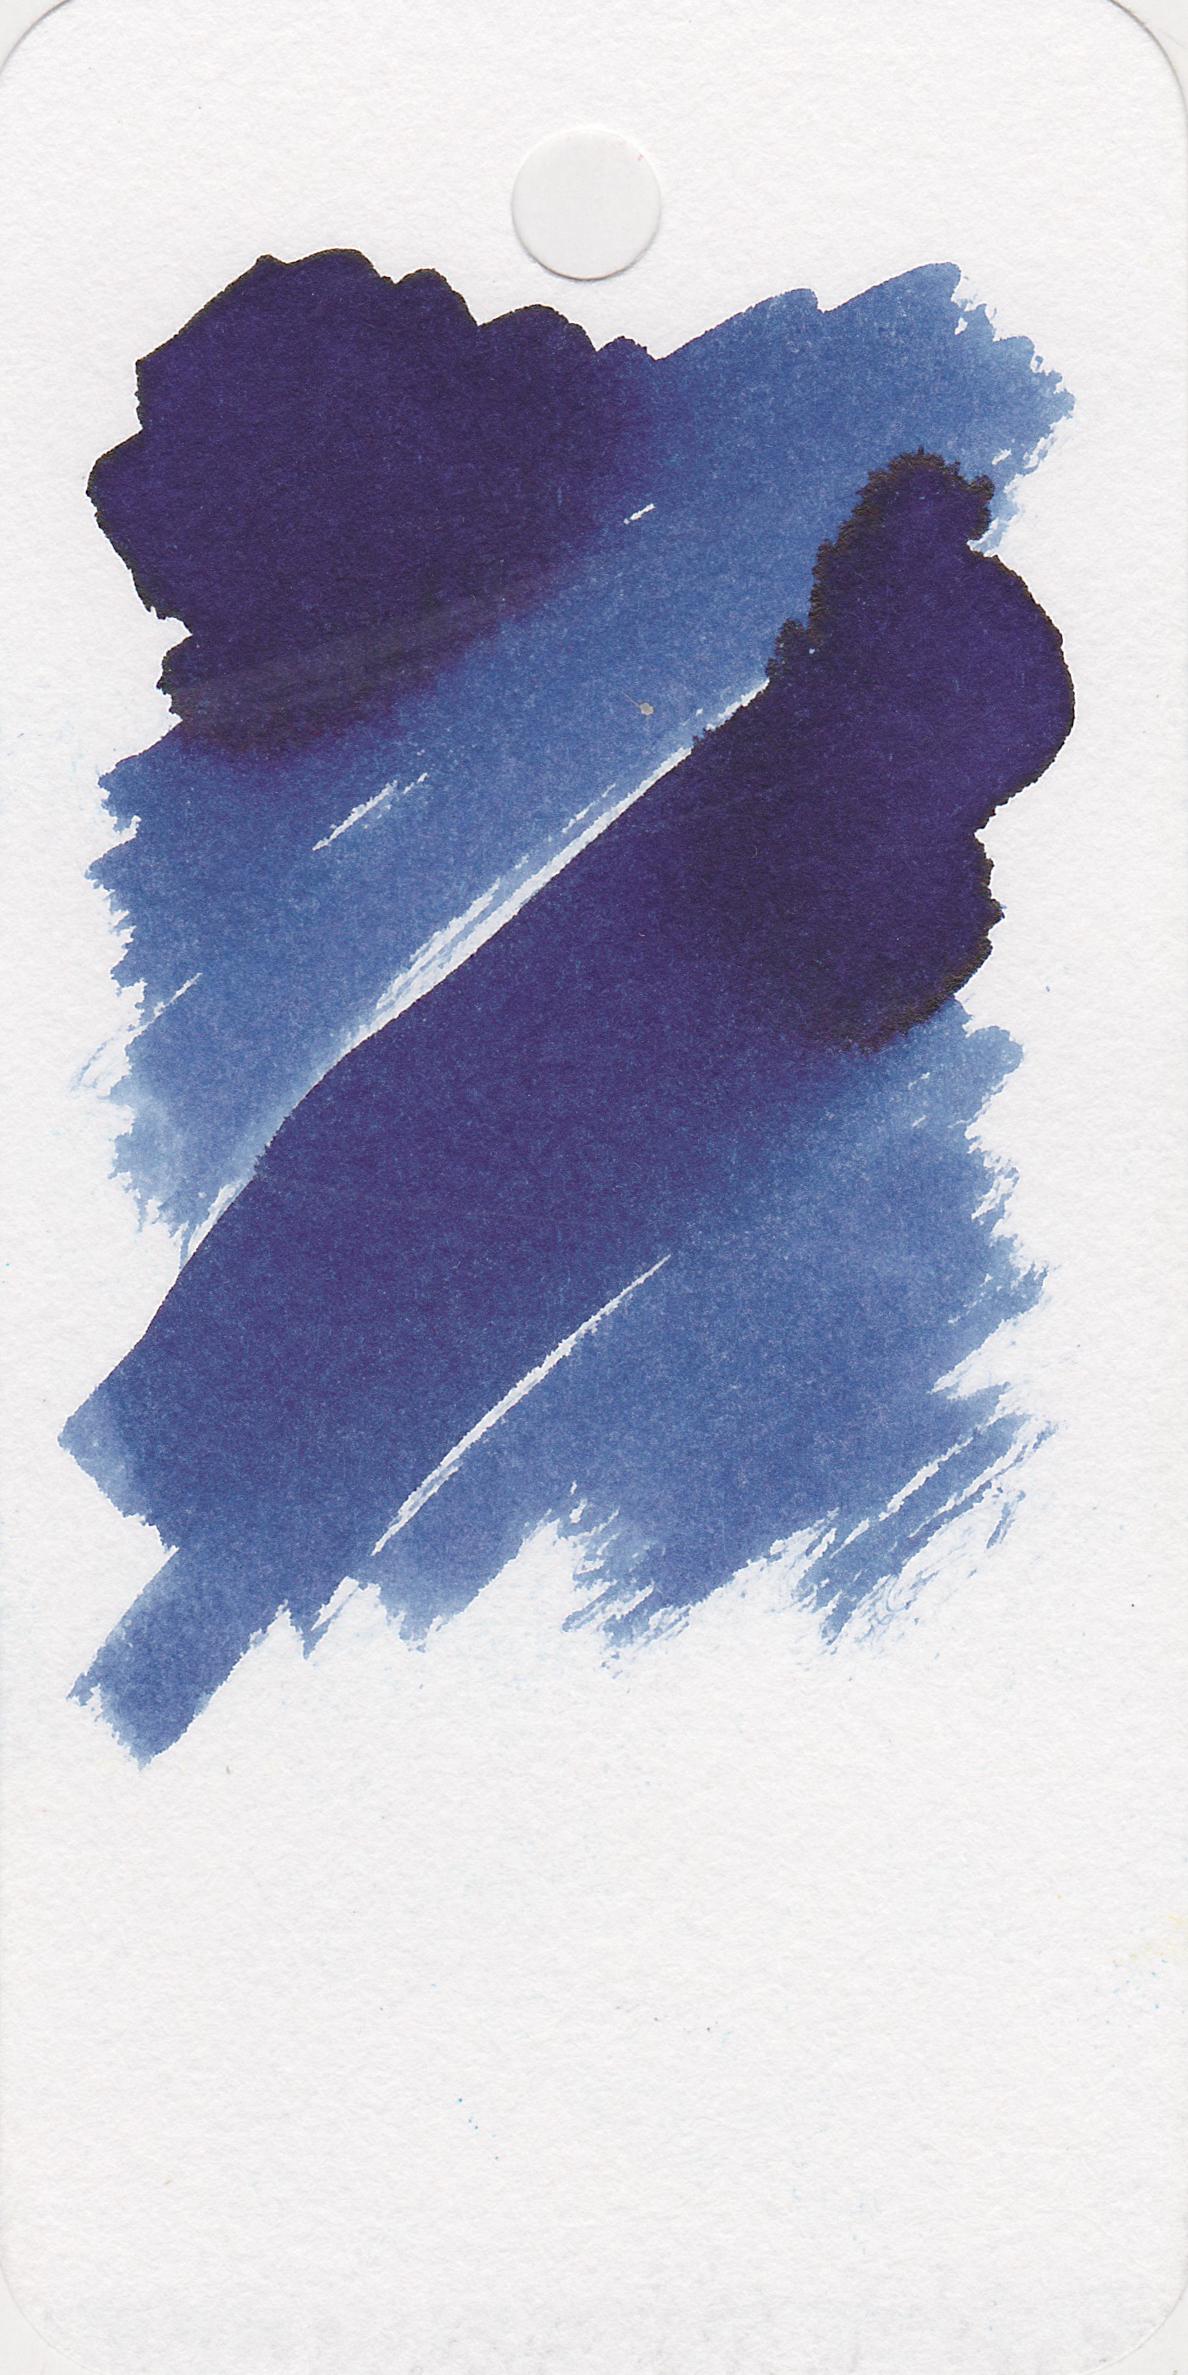 ro-darkstar-blue-3.jpg